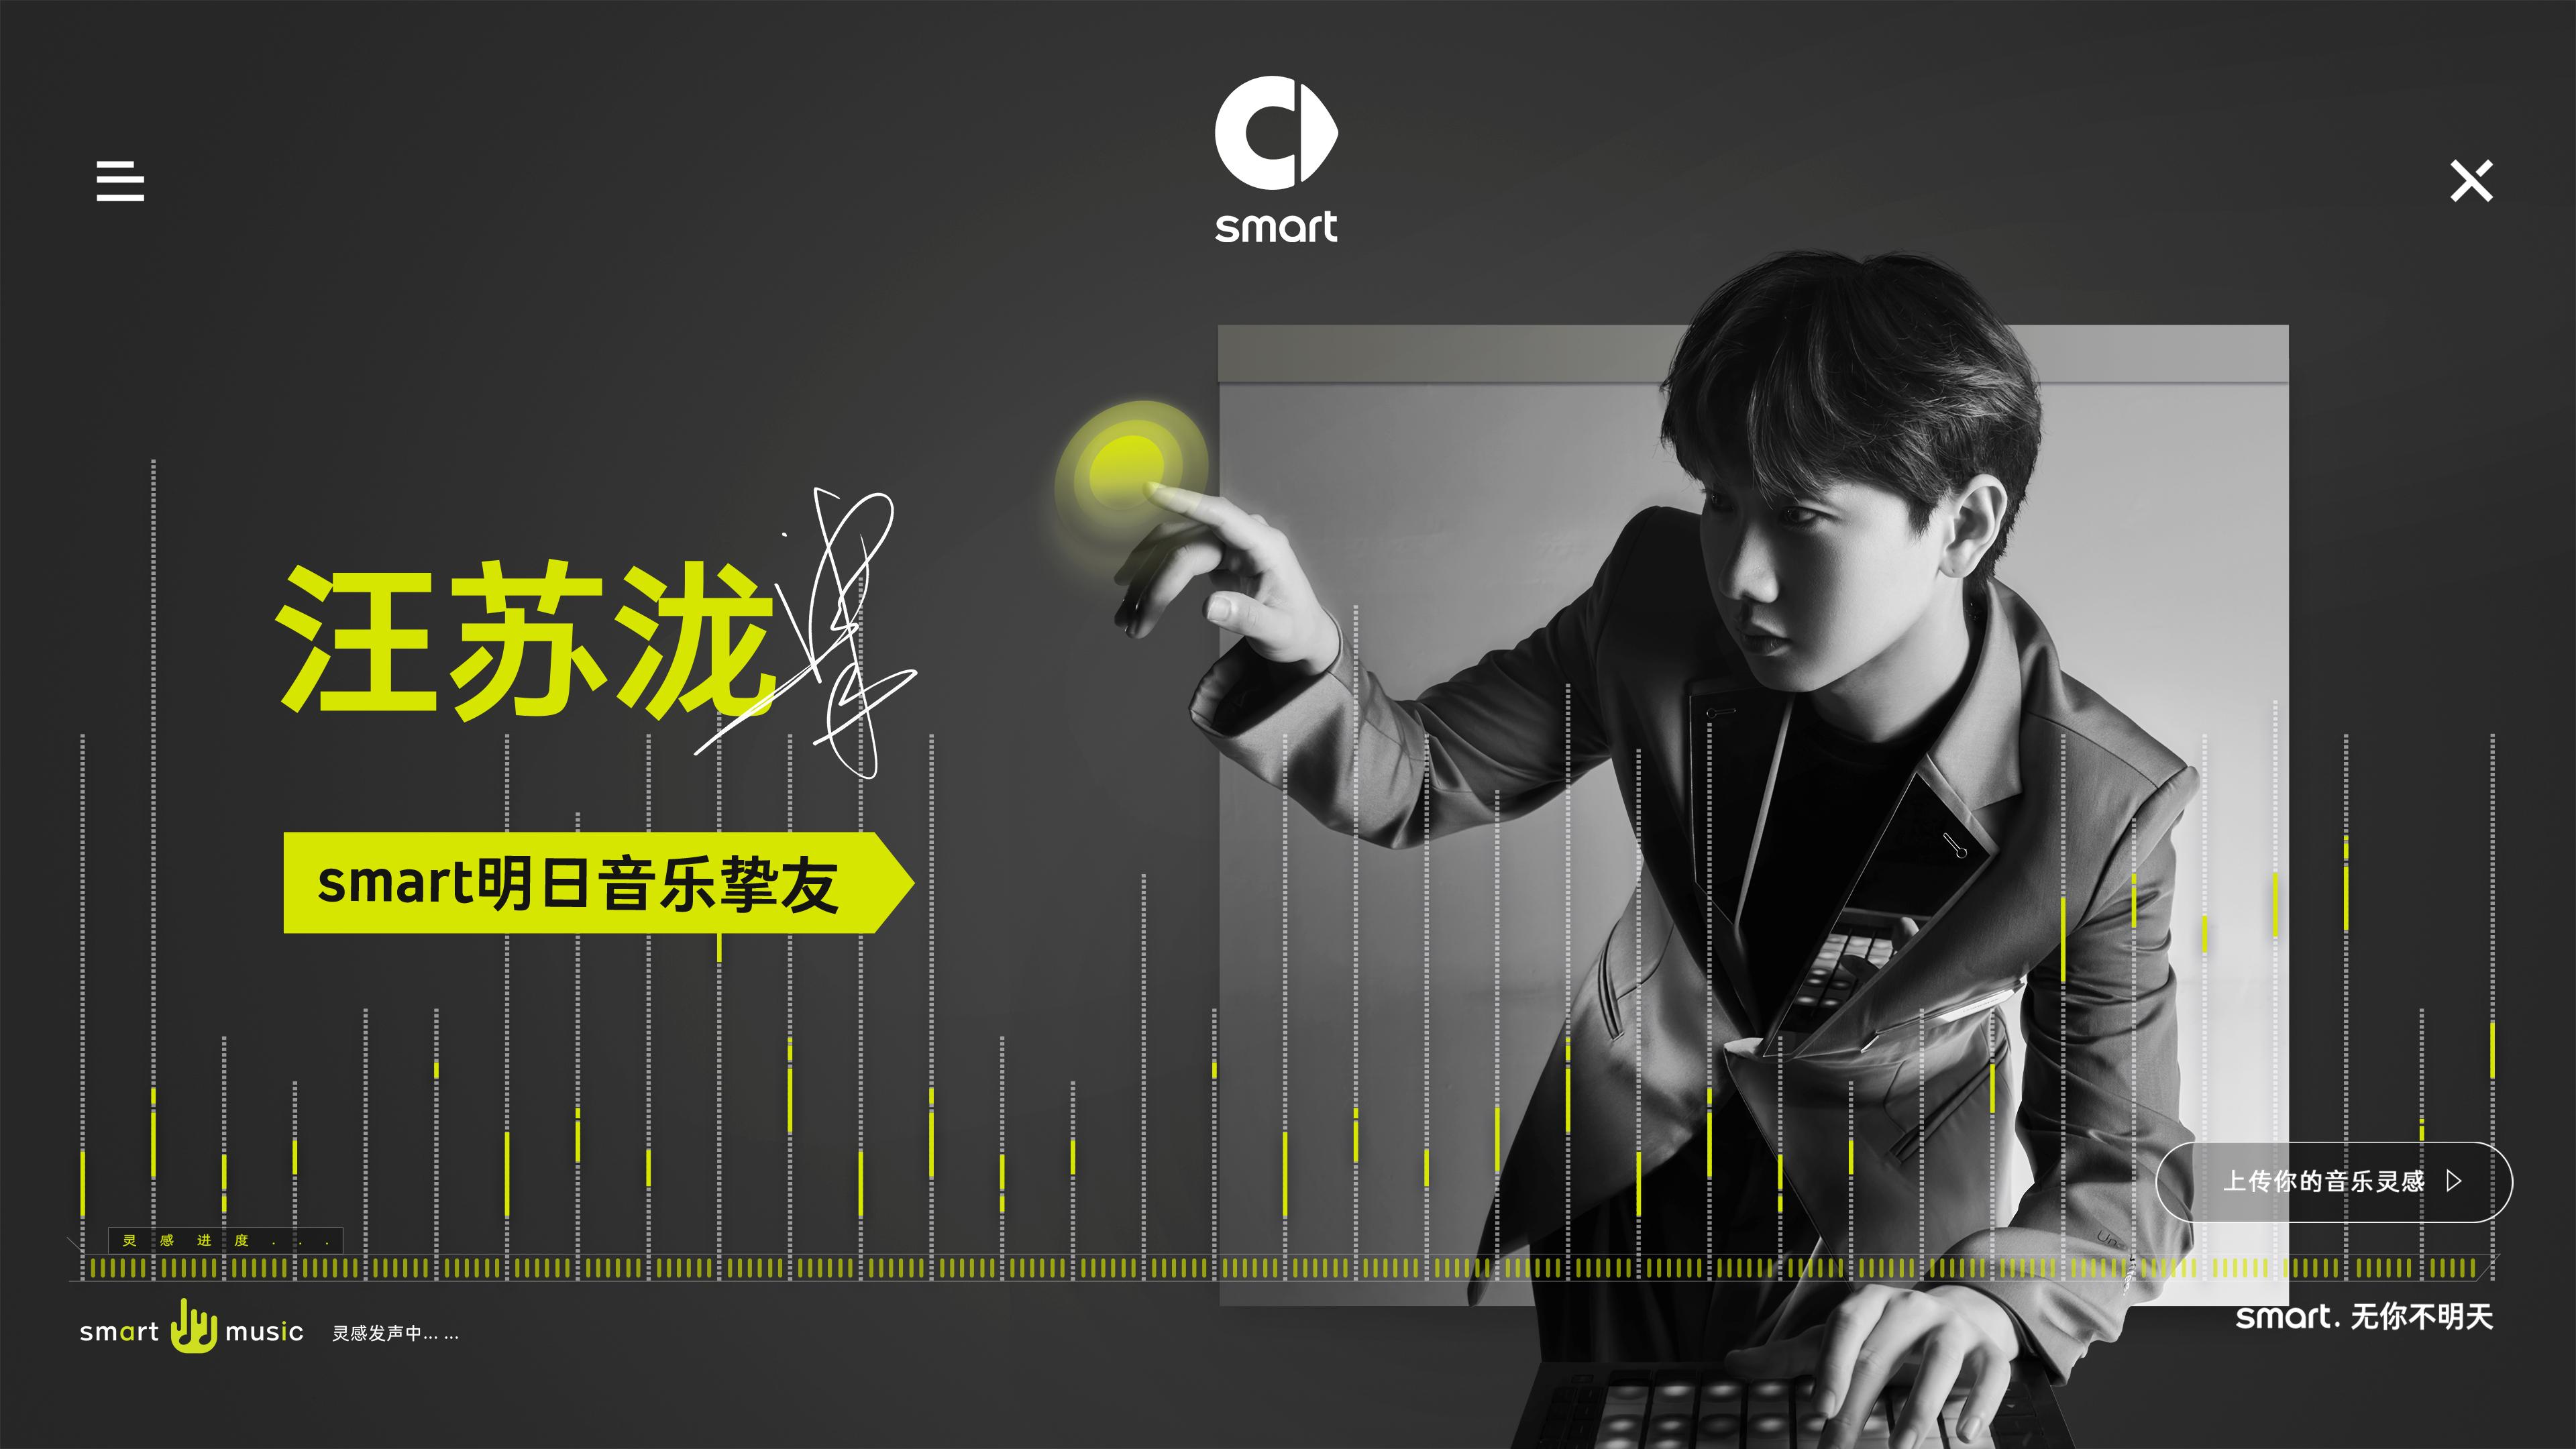 """与""""smart明日音乐挚友""""汪苏泷携手,谱写smart全新品牌歌.jpg"""